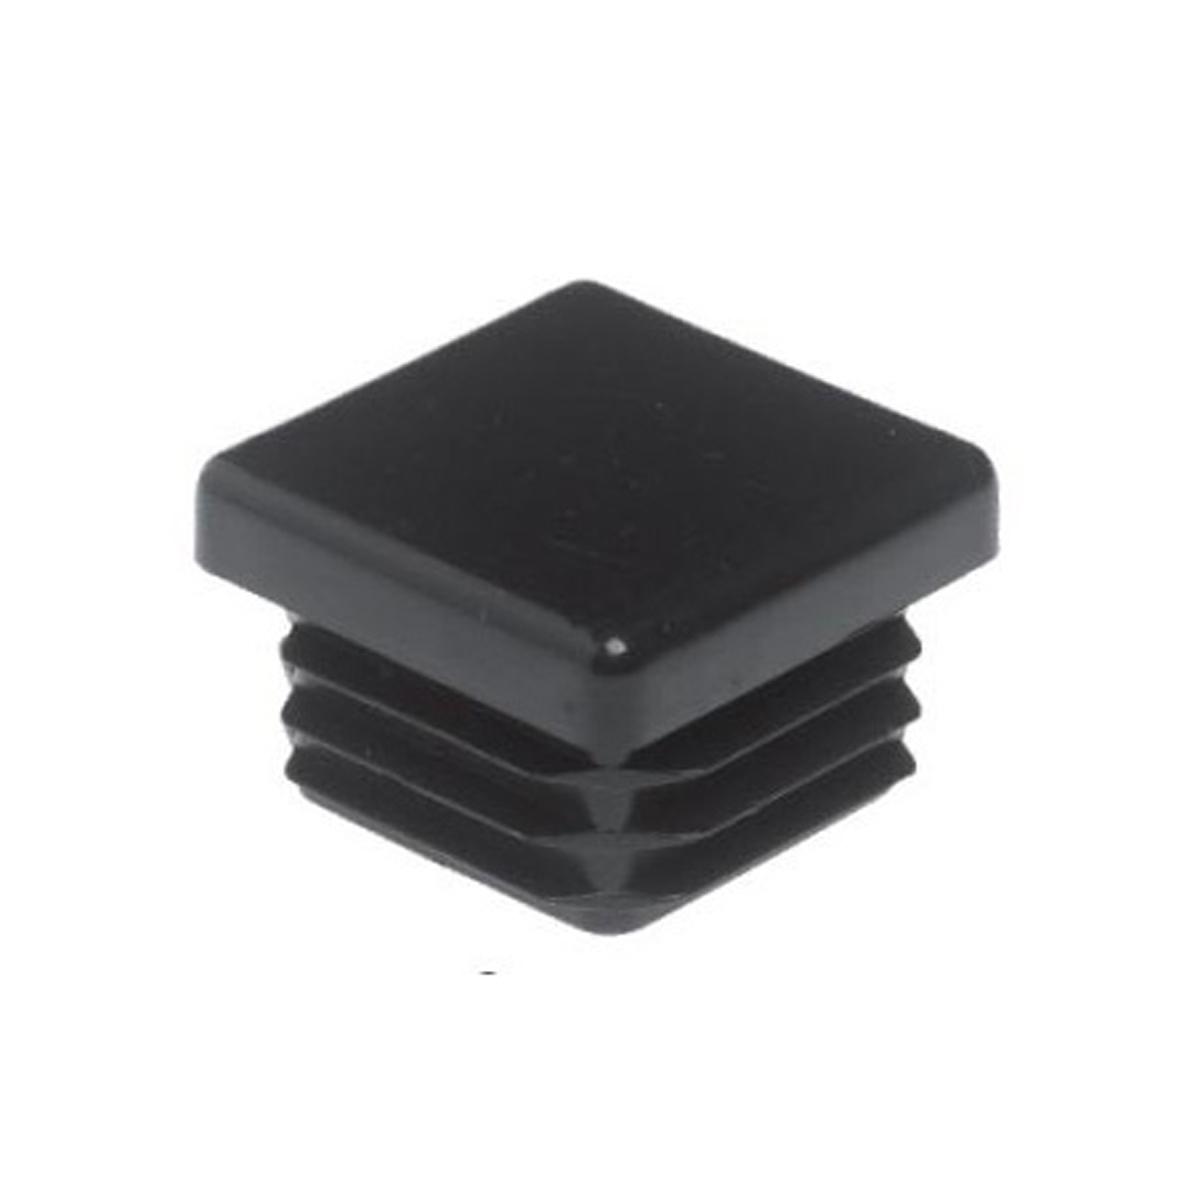 Square Plastic End Caps